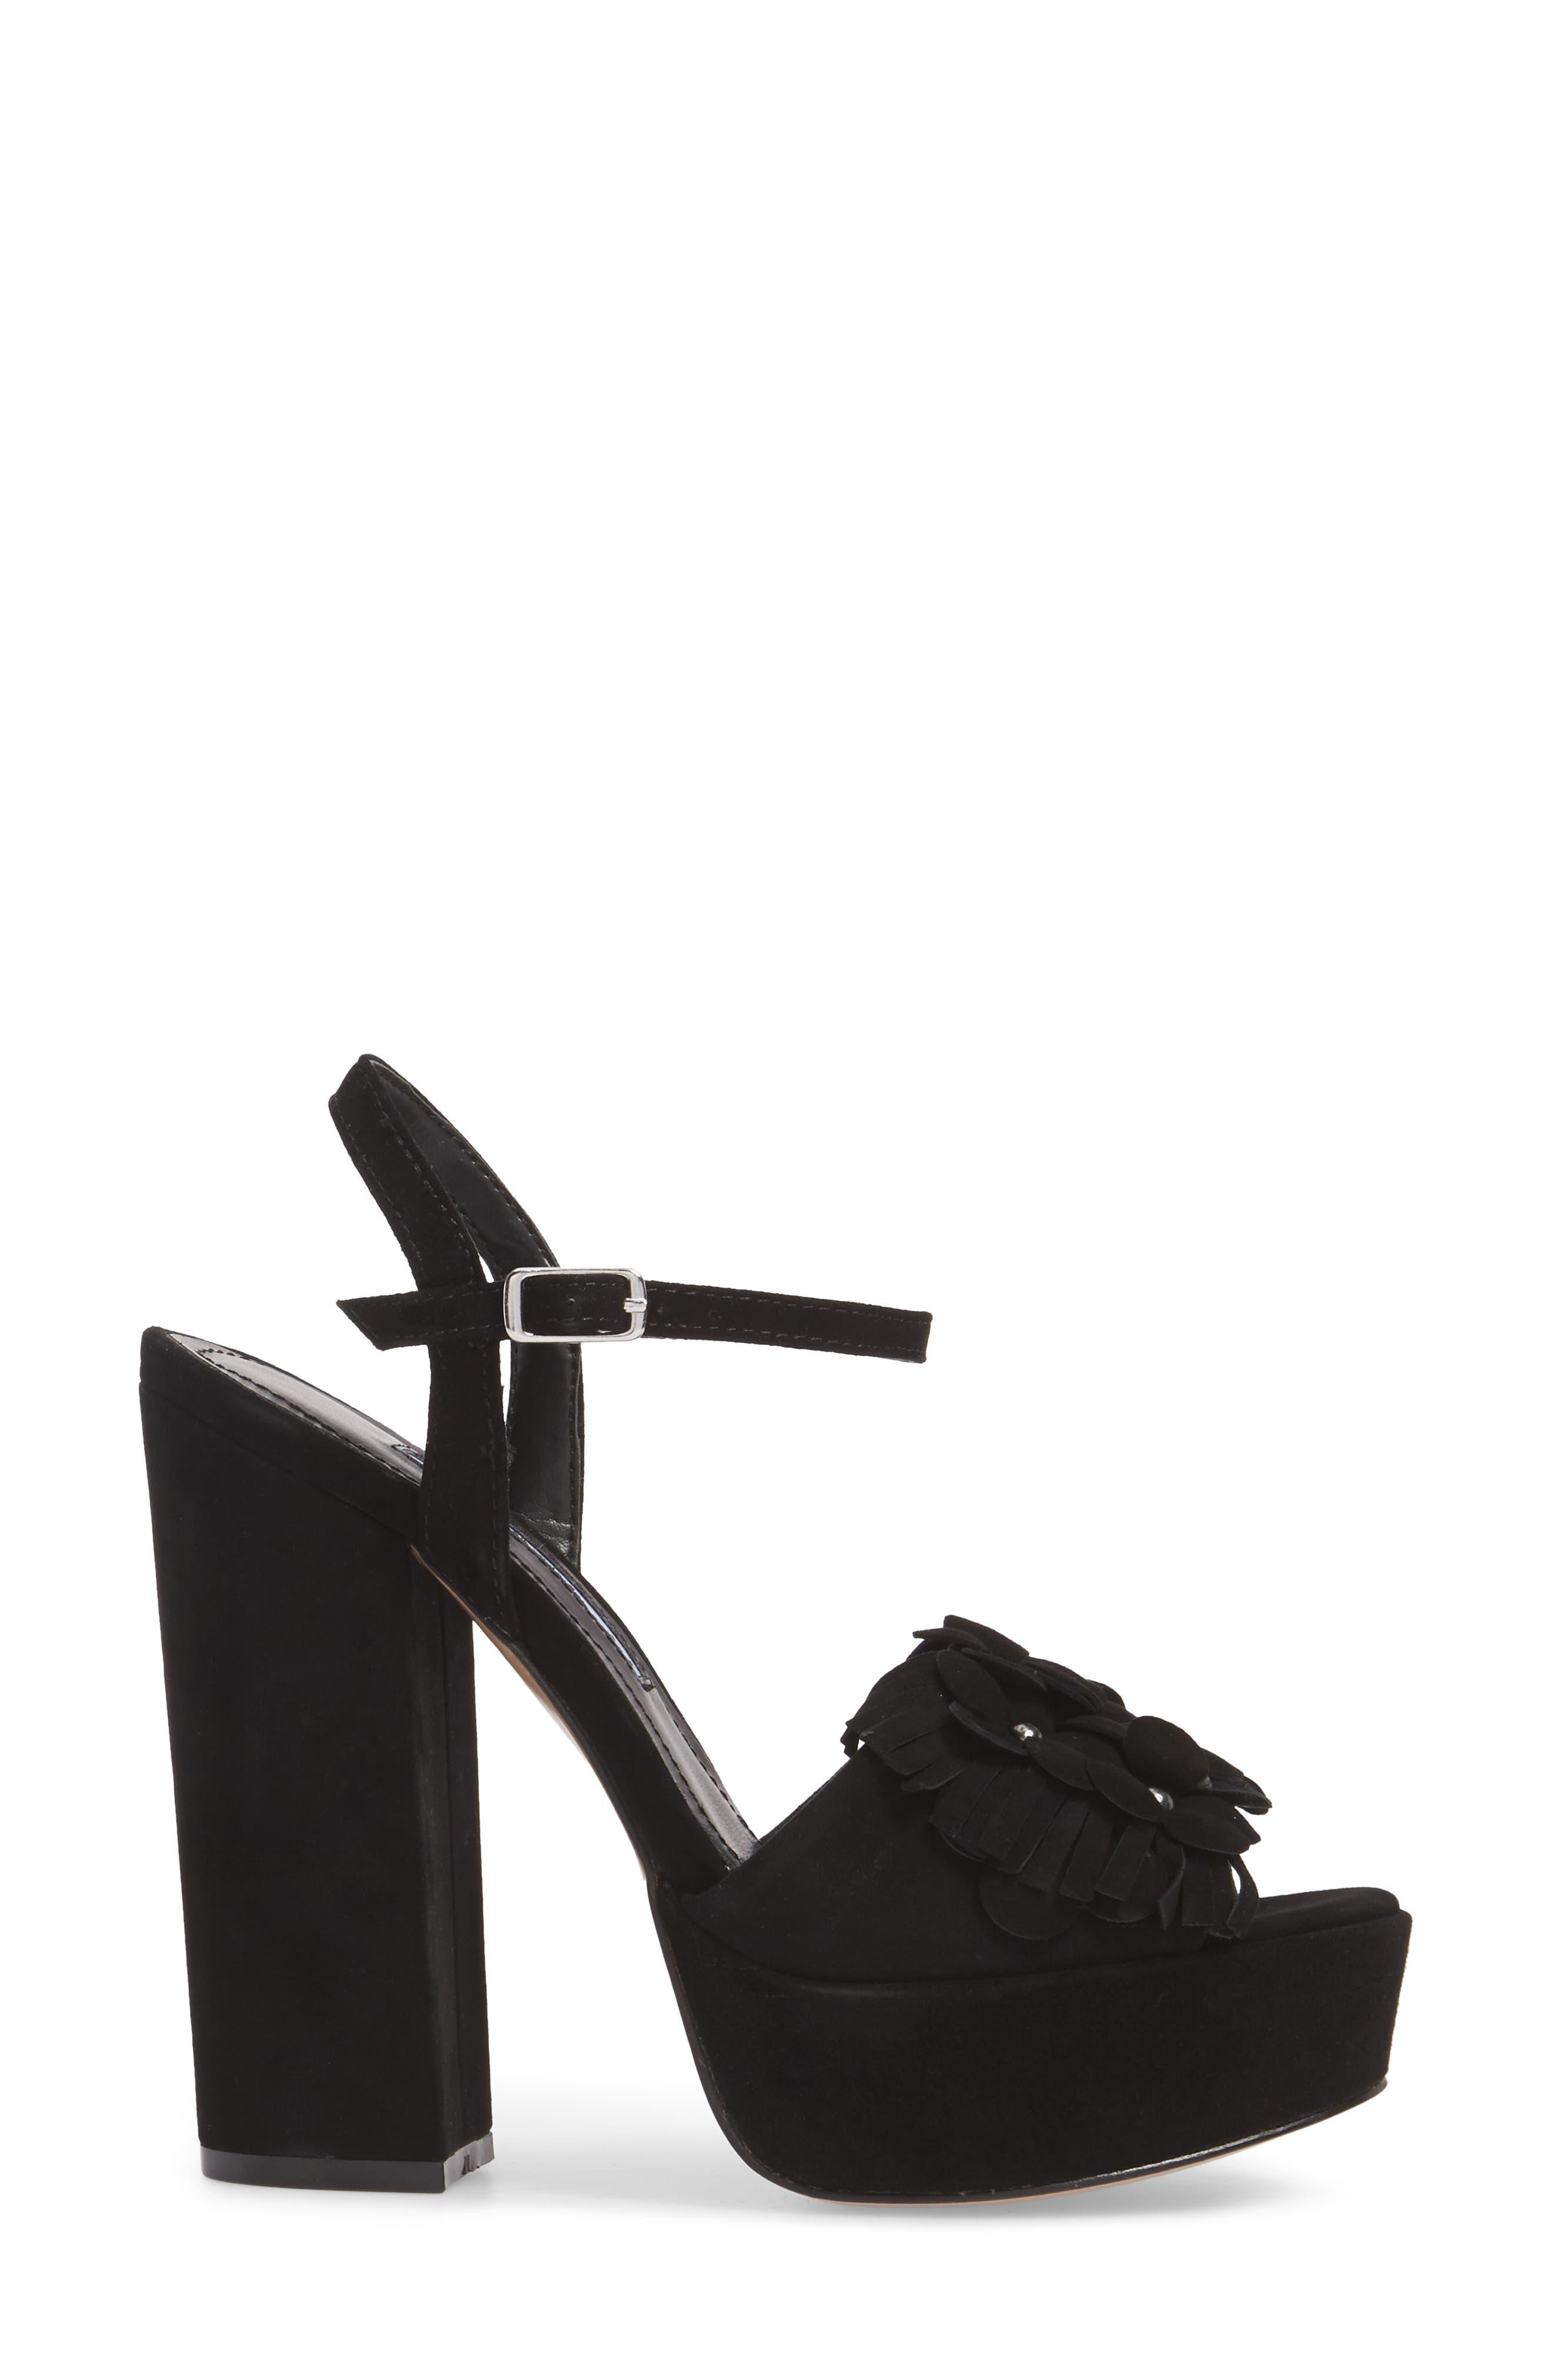 Royale Sandal,                             Alternate thumbnail 3, color,                             BLACK SUEDE